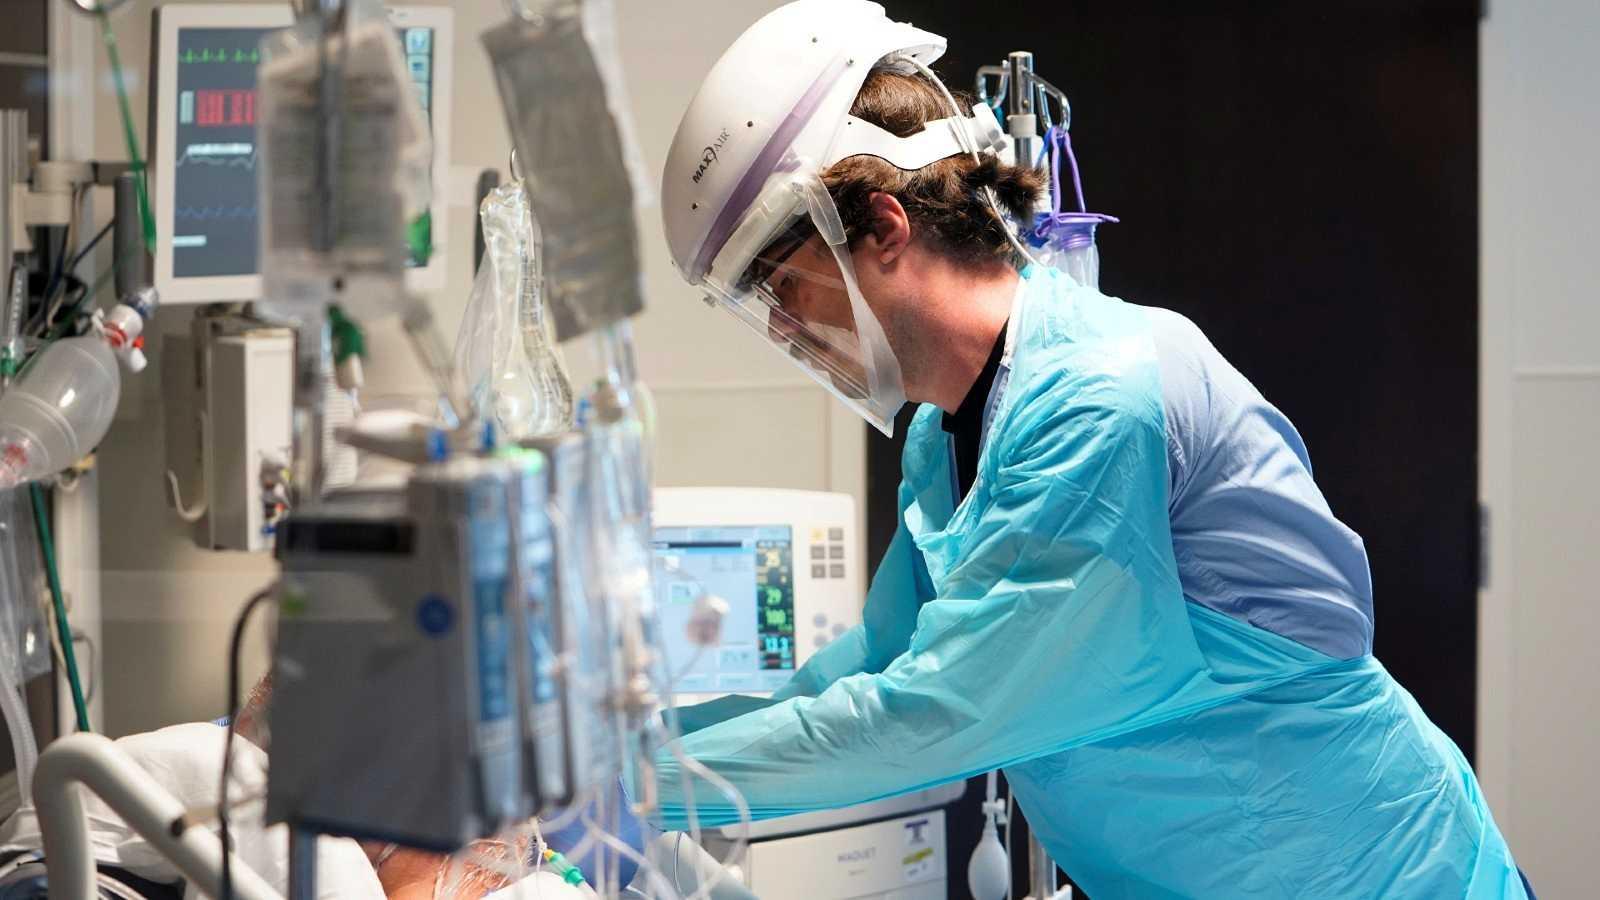 Un enfermero atiende a un paciente con COVID-19 en la unidad de cuidados intensivos en un hospital de Oklahoma, EE.UU.